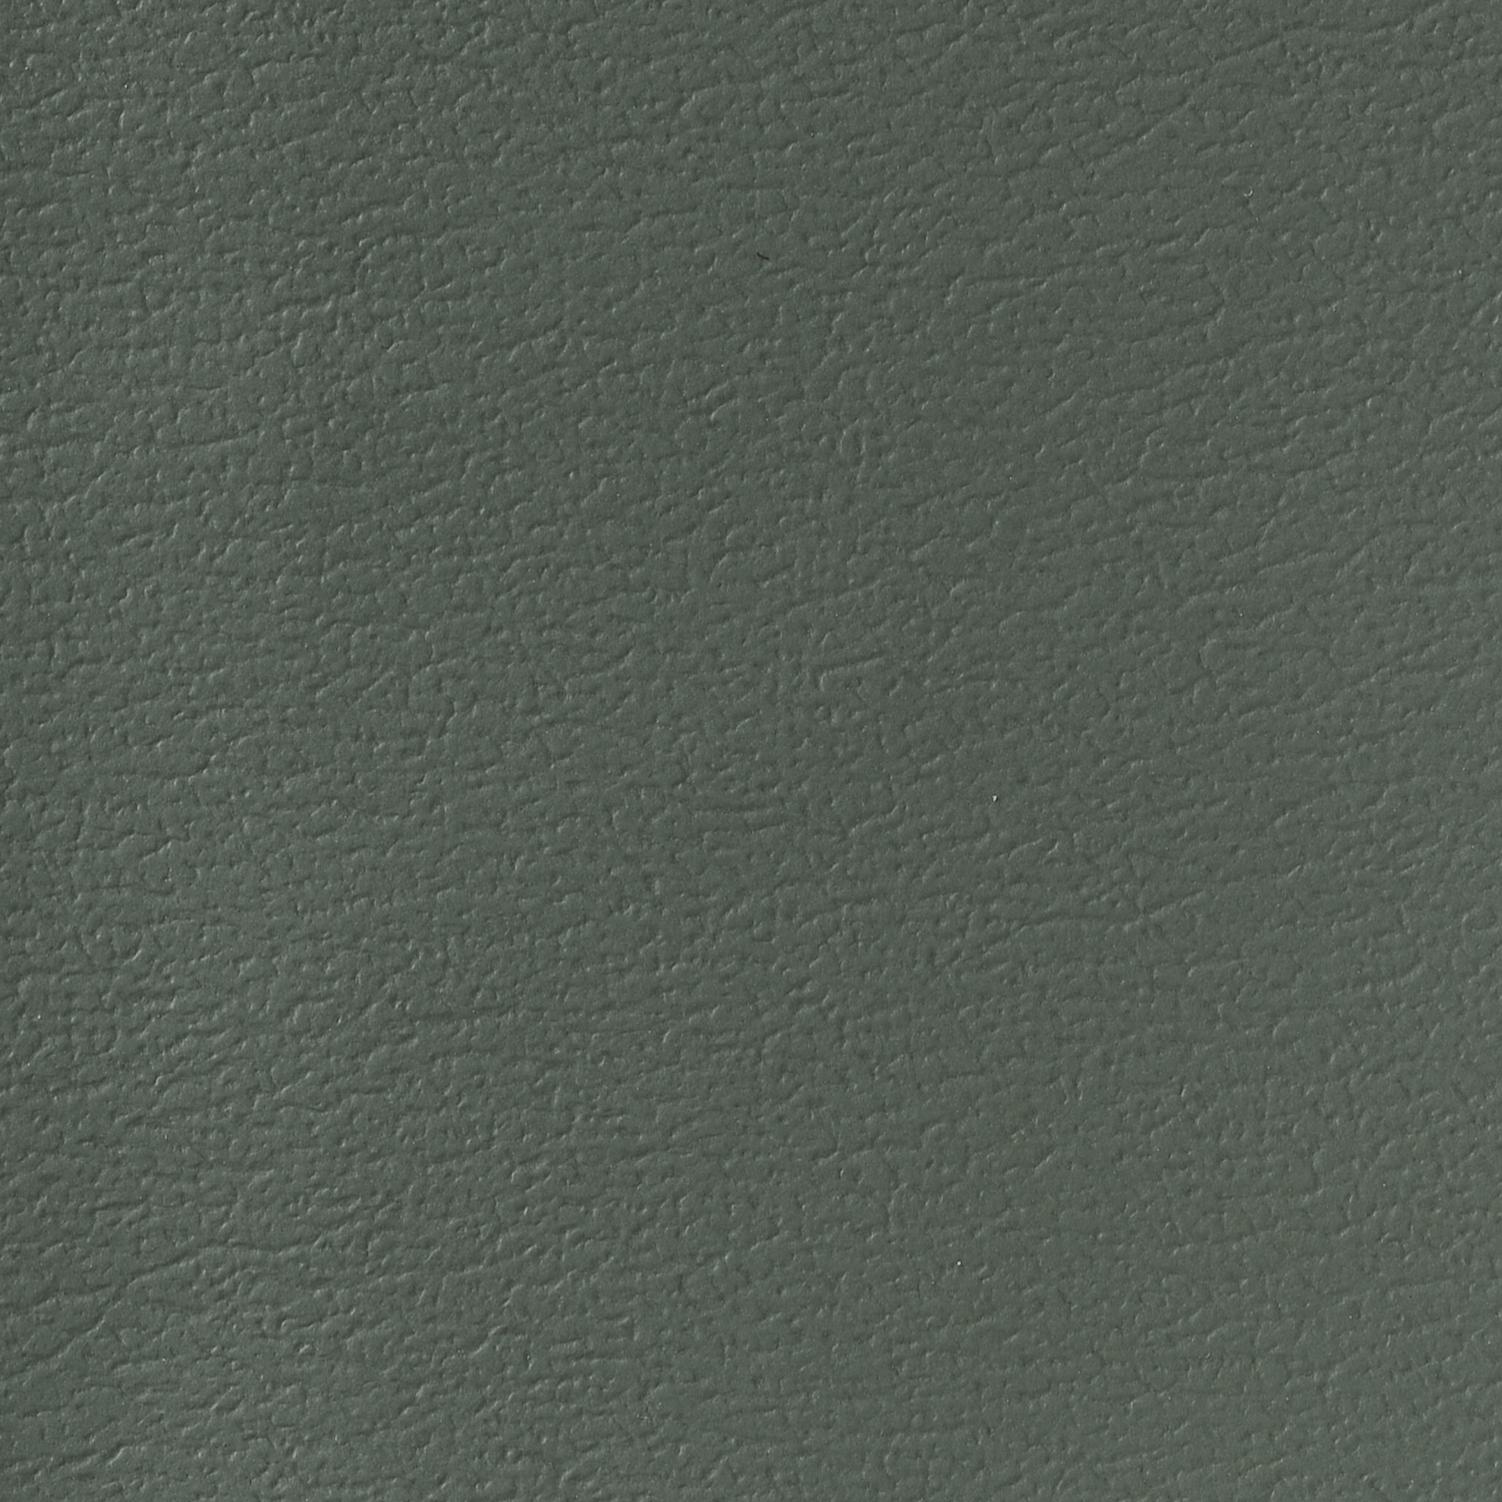 SAGE GREEN   XL-2067